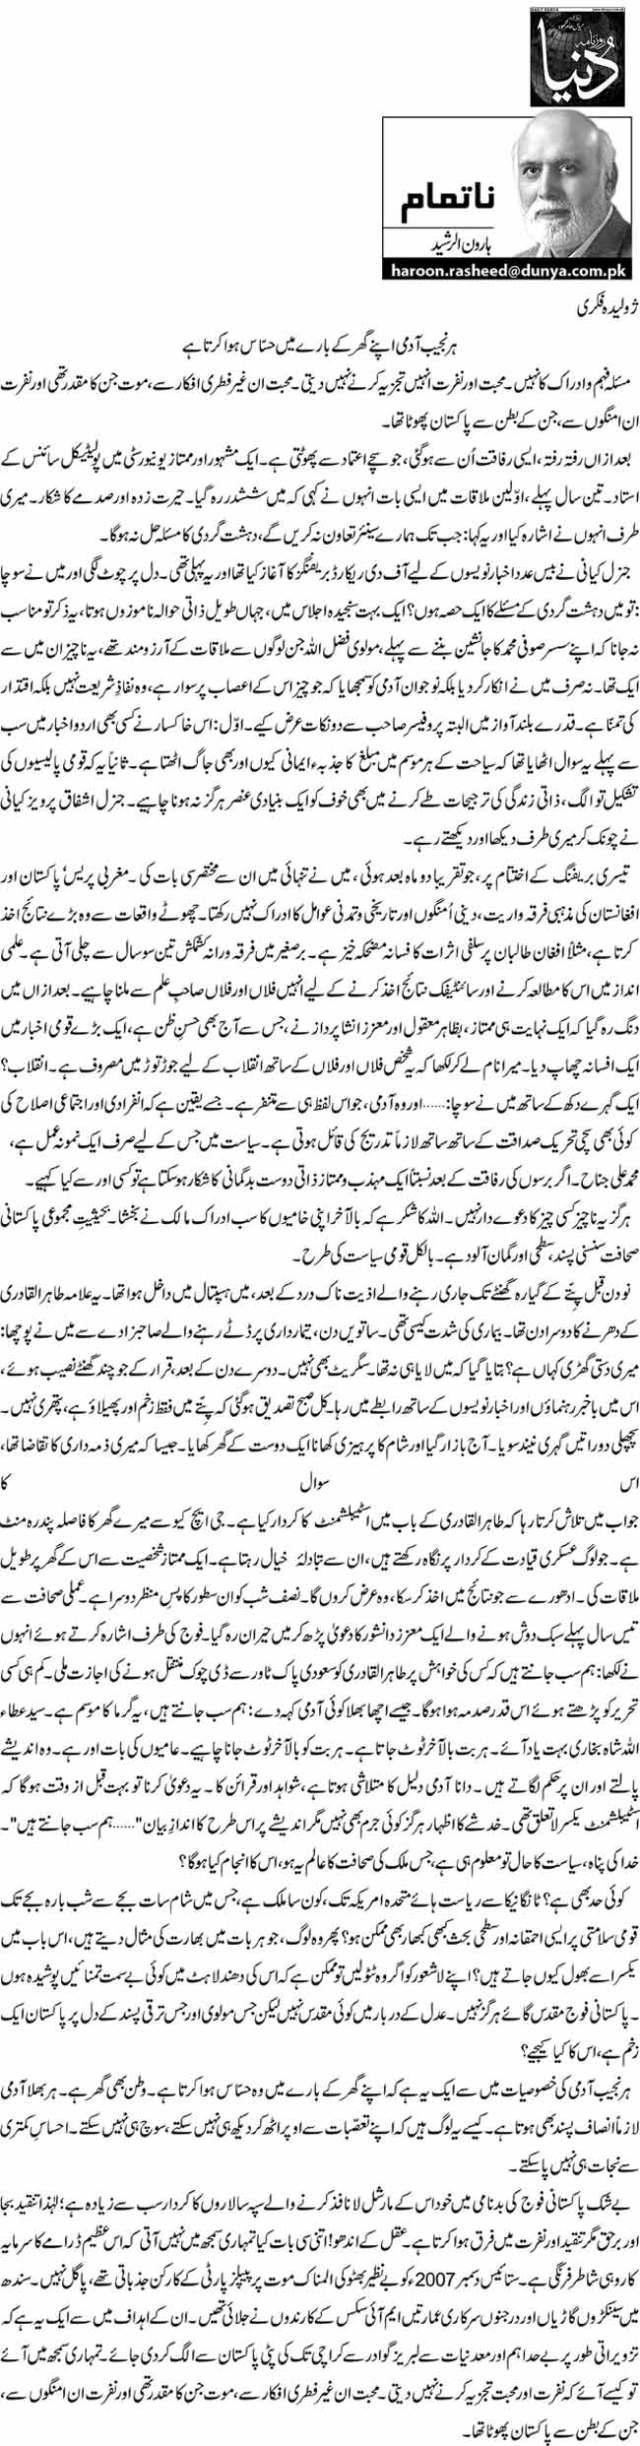 Zauleedah fikri - Haroon-ur-Rasheed